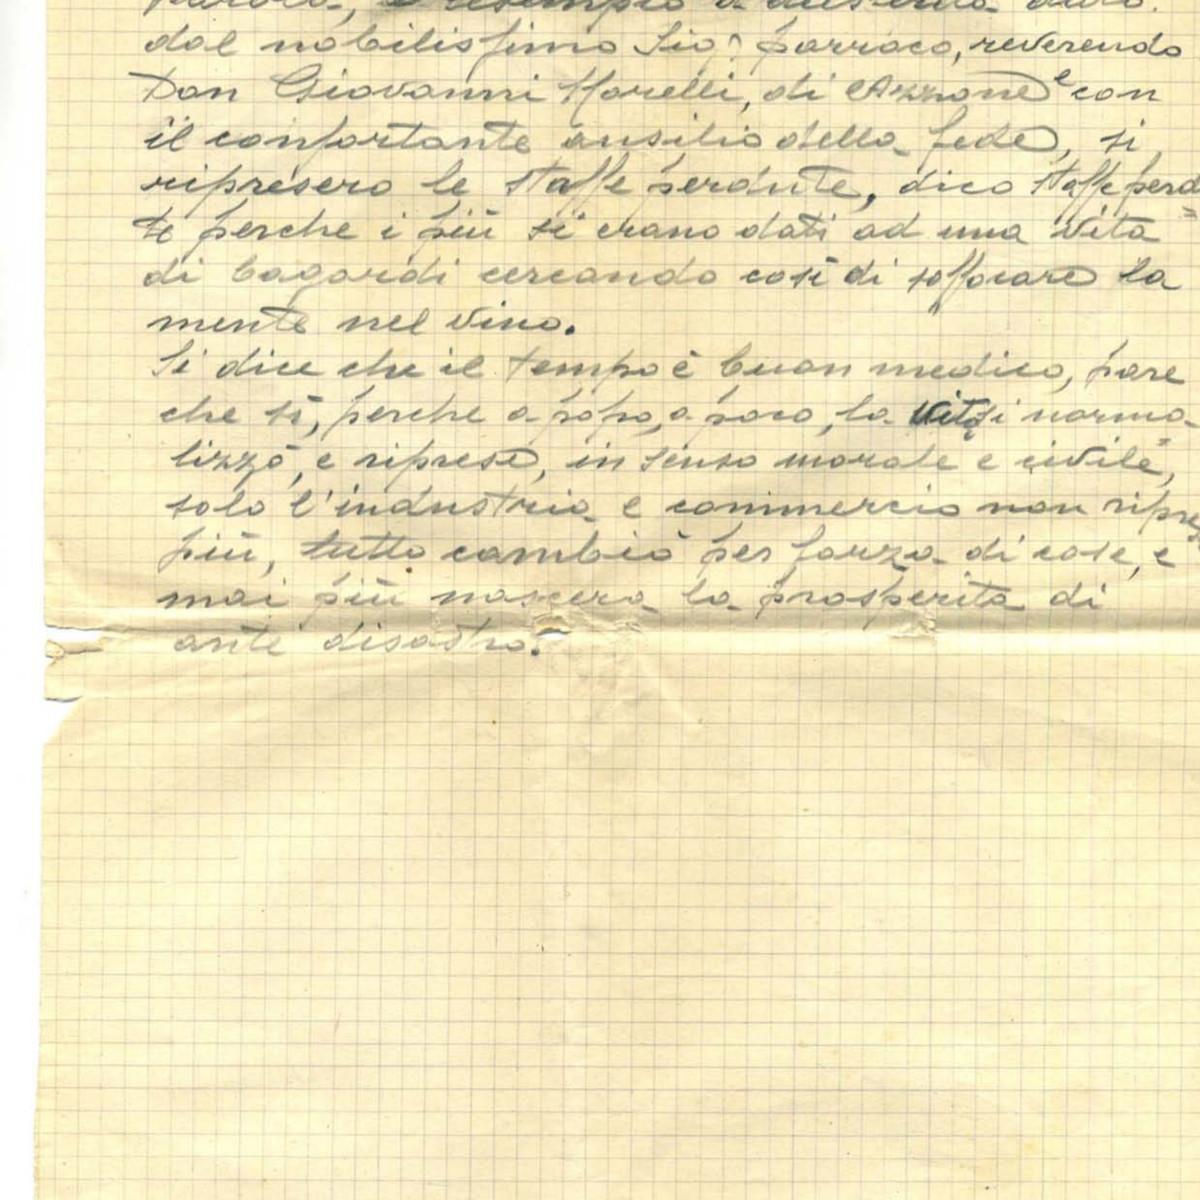 Lettera di Baldoni Angelo_09